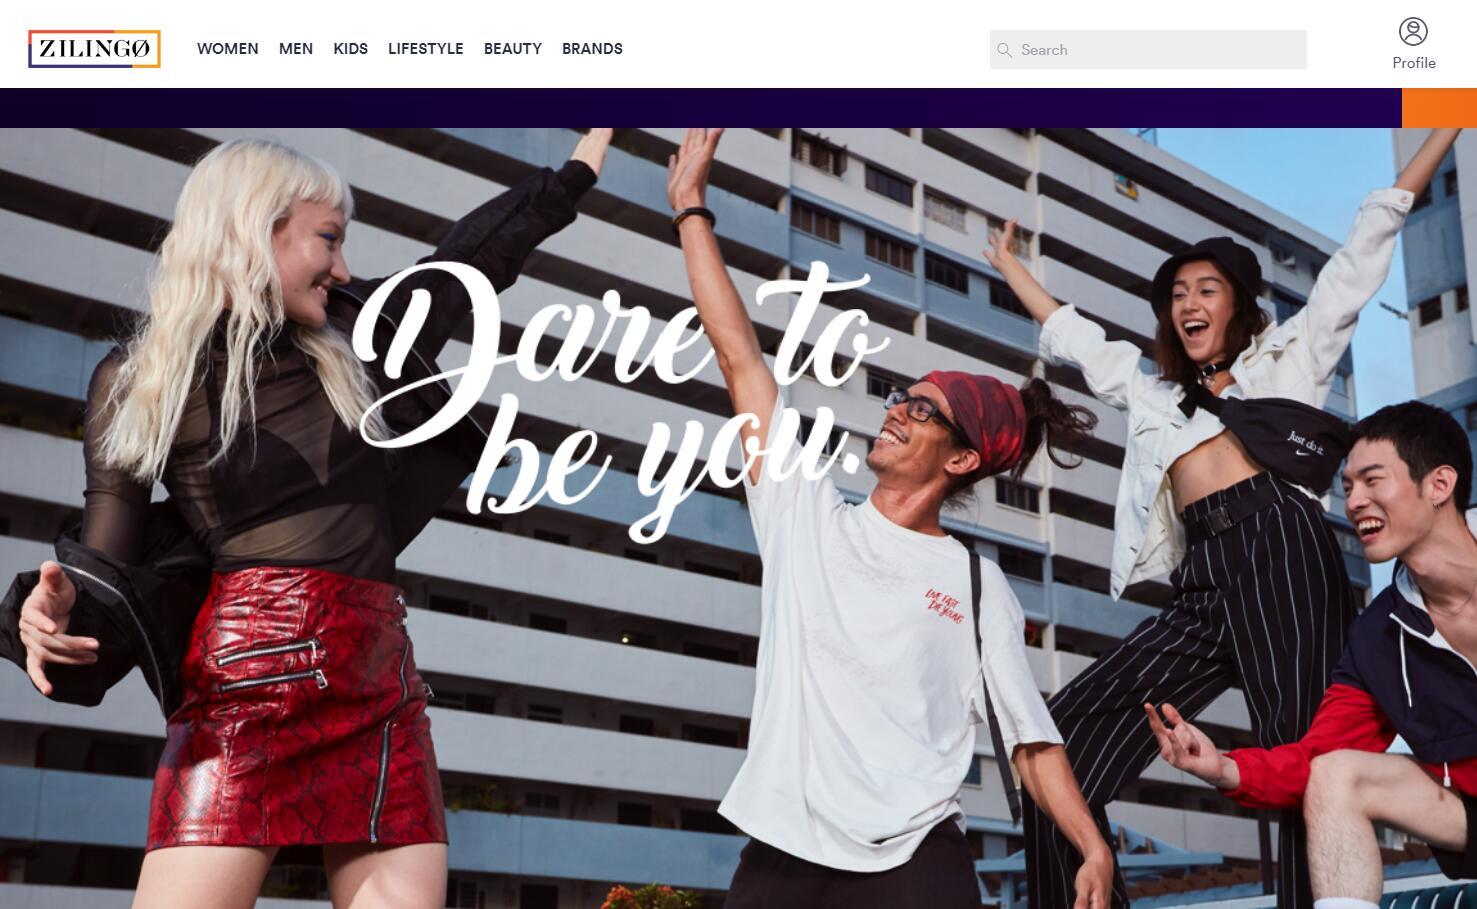 新加坡时尚电商  Zilingo 向美国业务投资1亿美元,加速供应链数字化转型